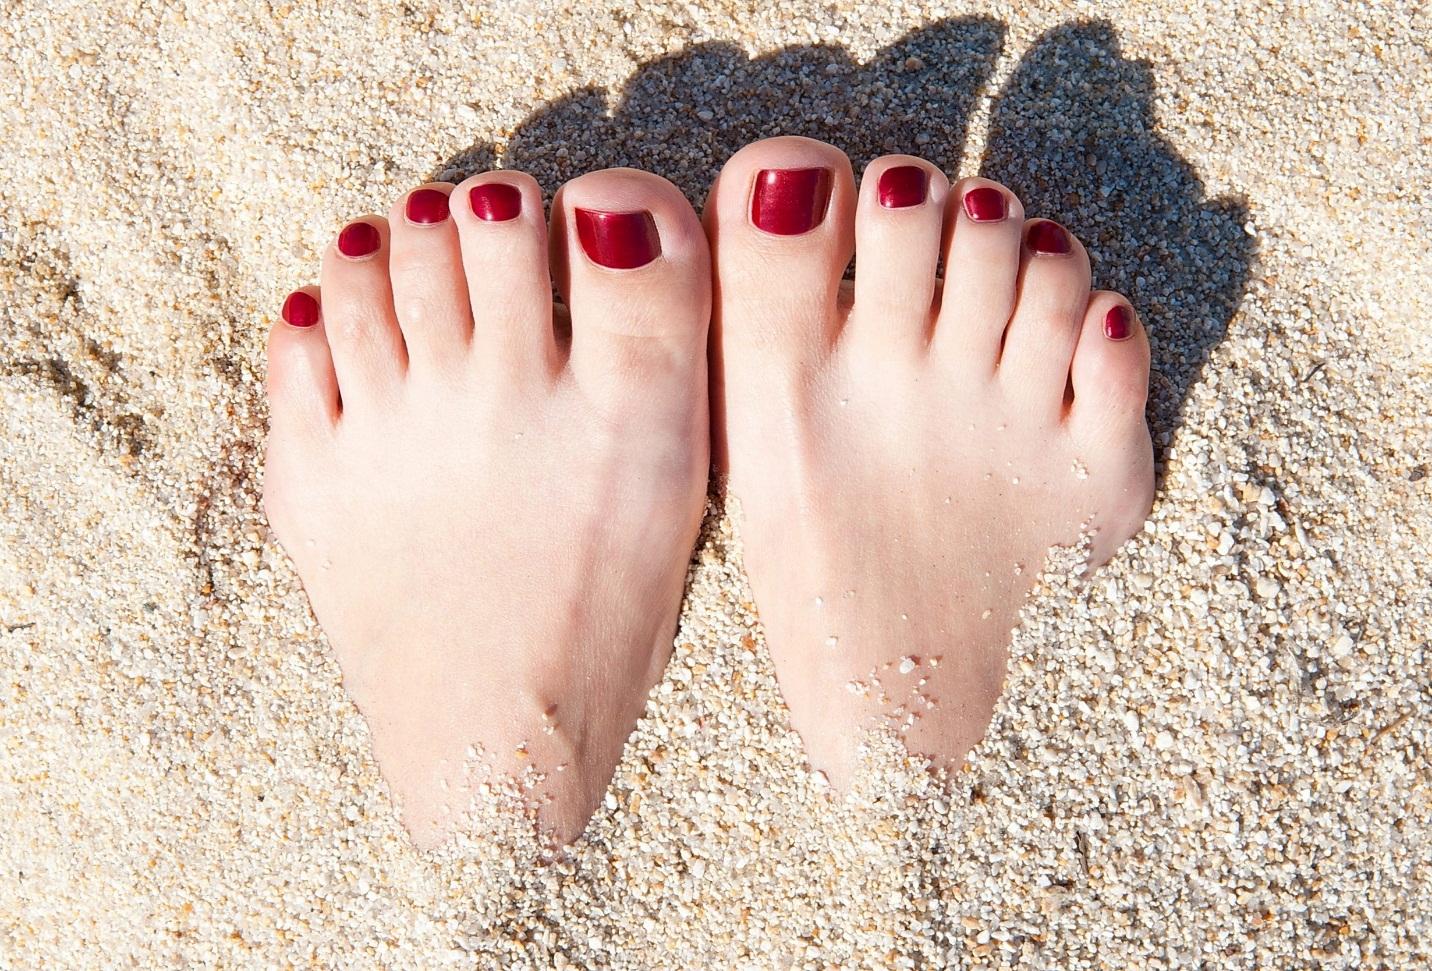 4 mẹo chăm sóc móng tay, móng chân tại nhà - Ảnh 3